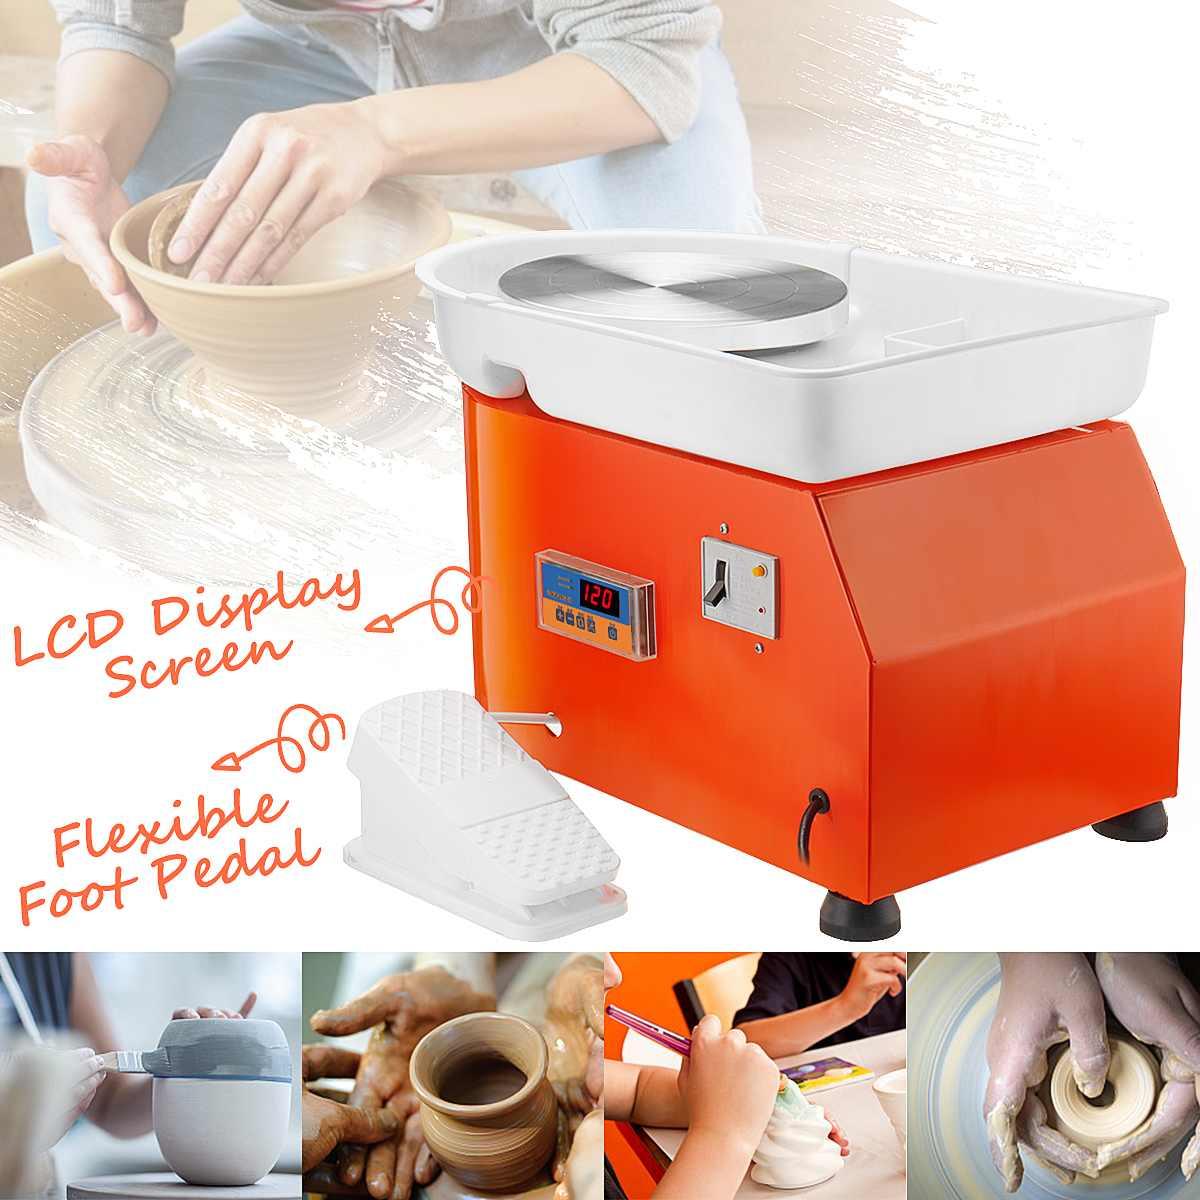 300 W AC 110 V/220 V poterie roue Machine en céramique travail argile Art Flexible pédale LCD contrôle 42x52x35 cm métal + alliage d'aluminium